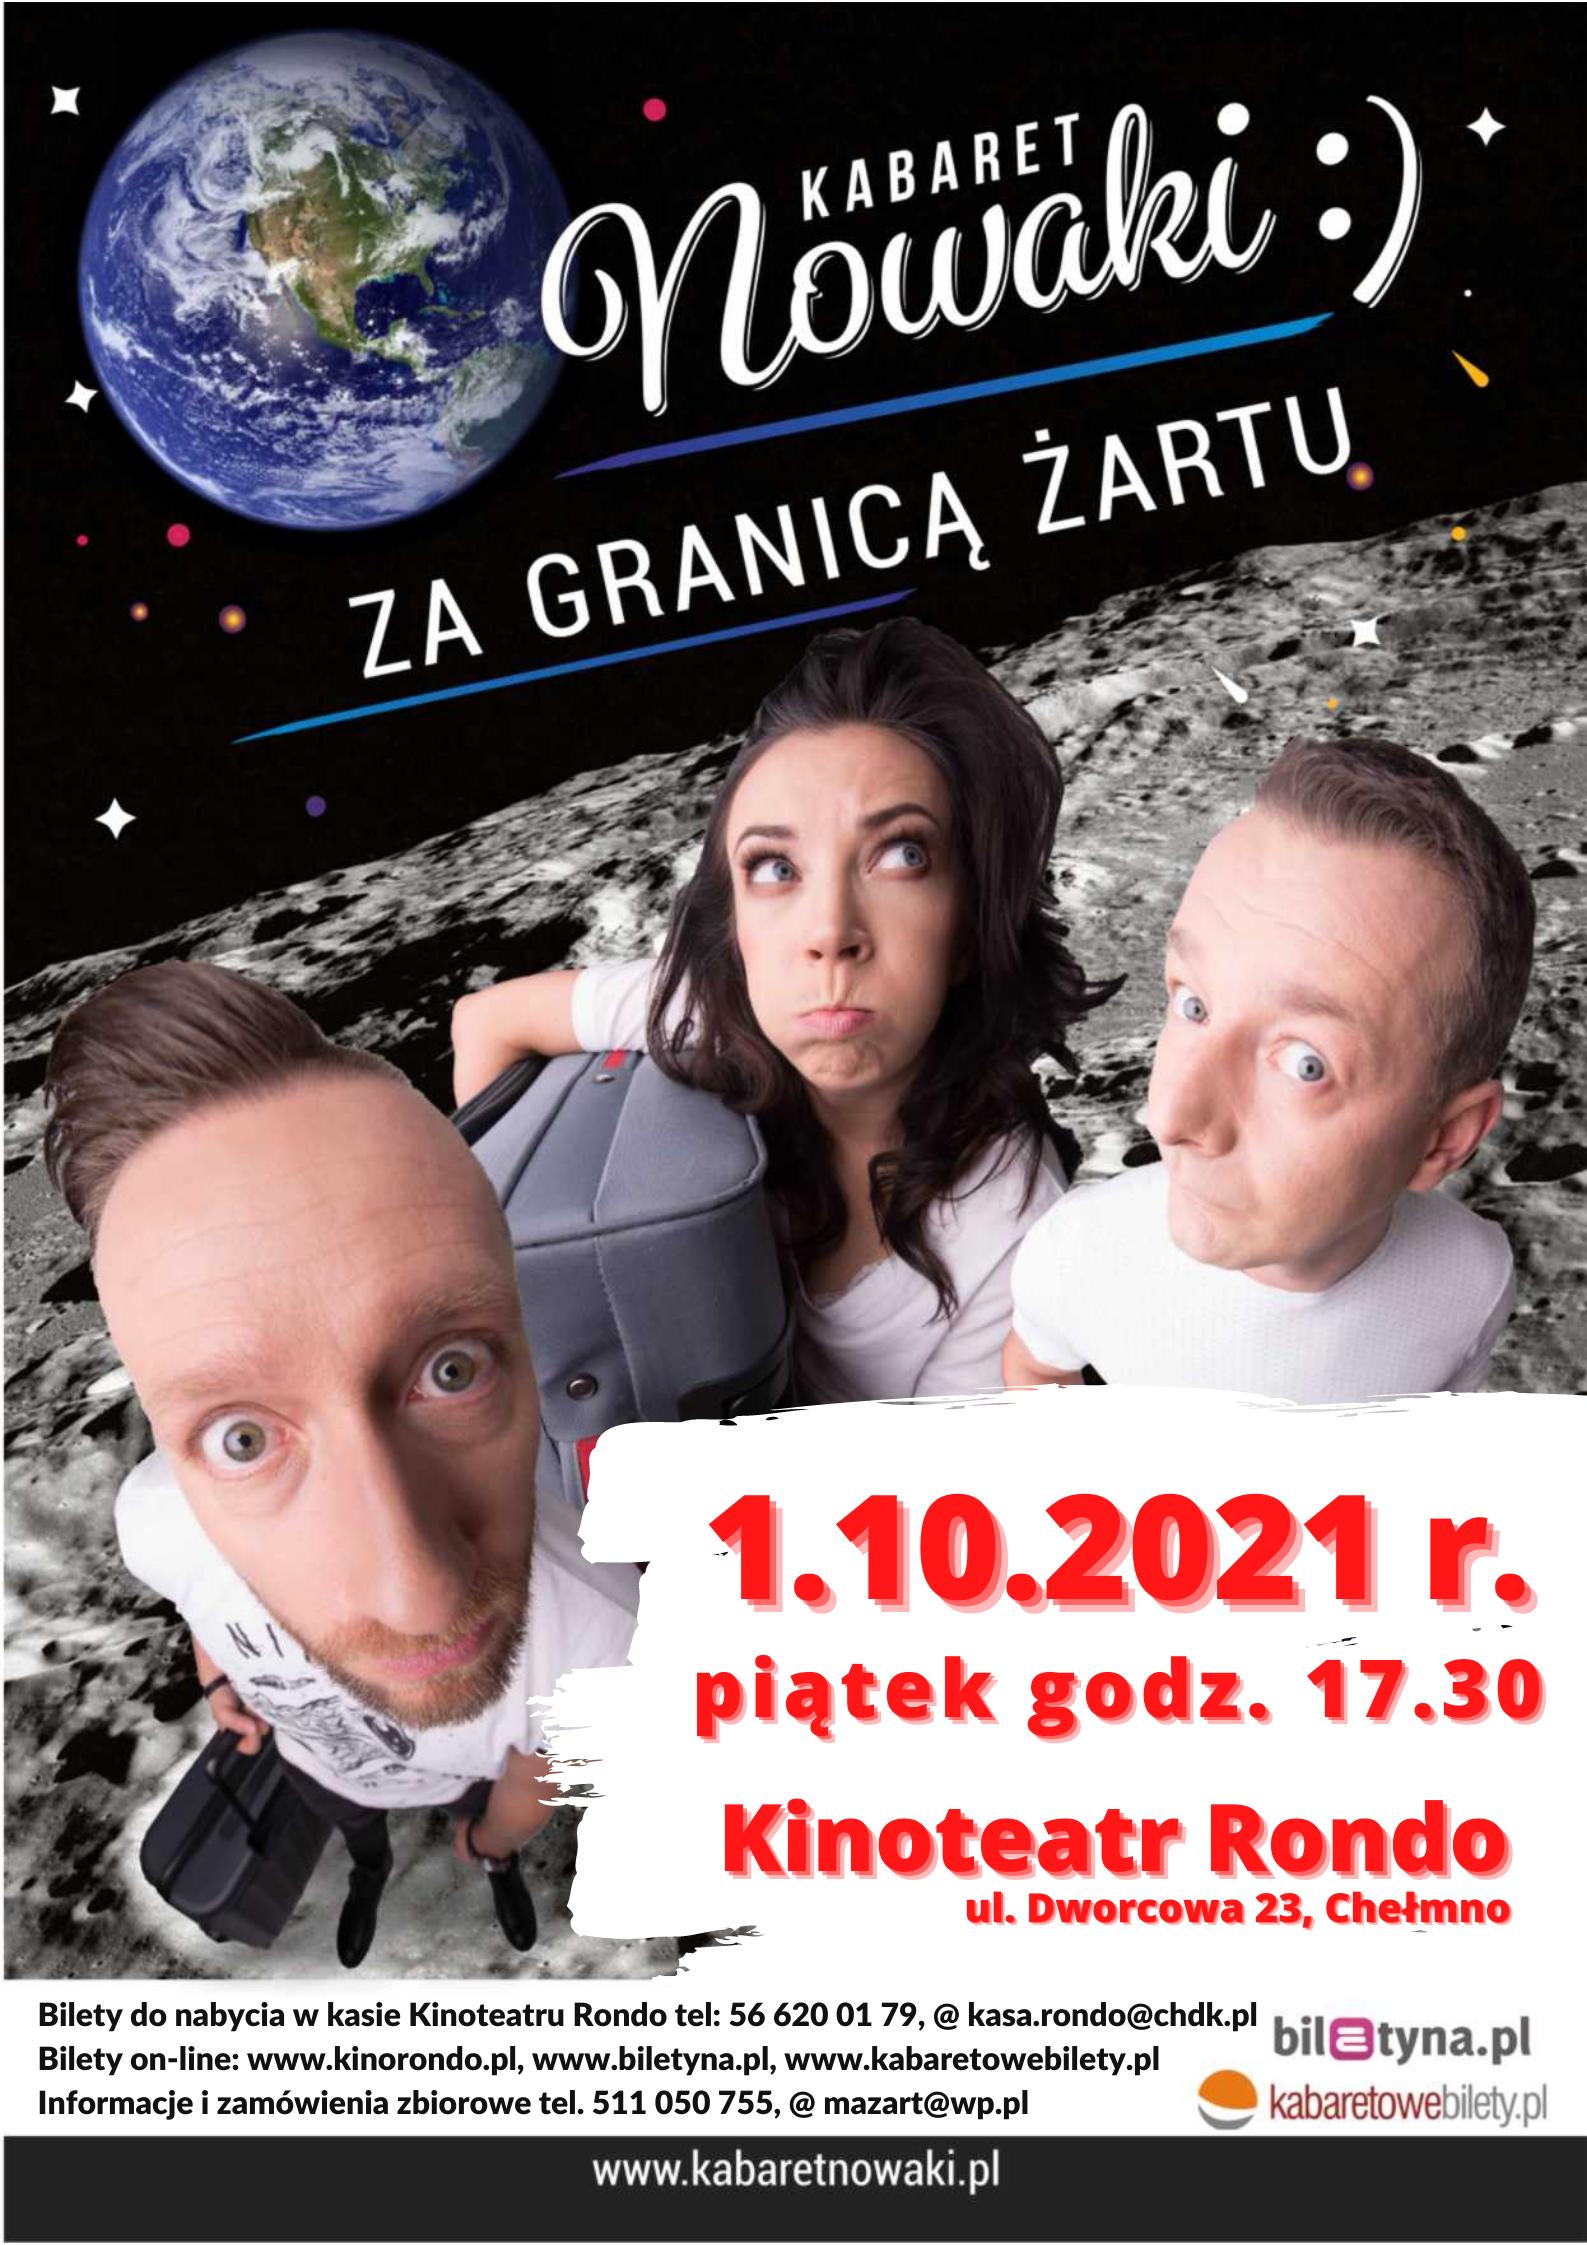 Plakat Kabaretu Nowaki infromujący o dacie występu oraz możliwych formach nabycia biletów.